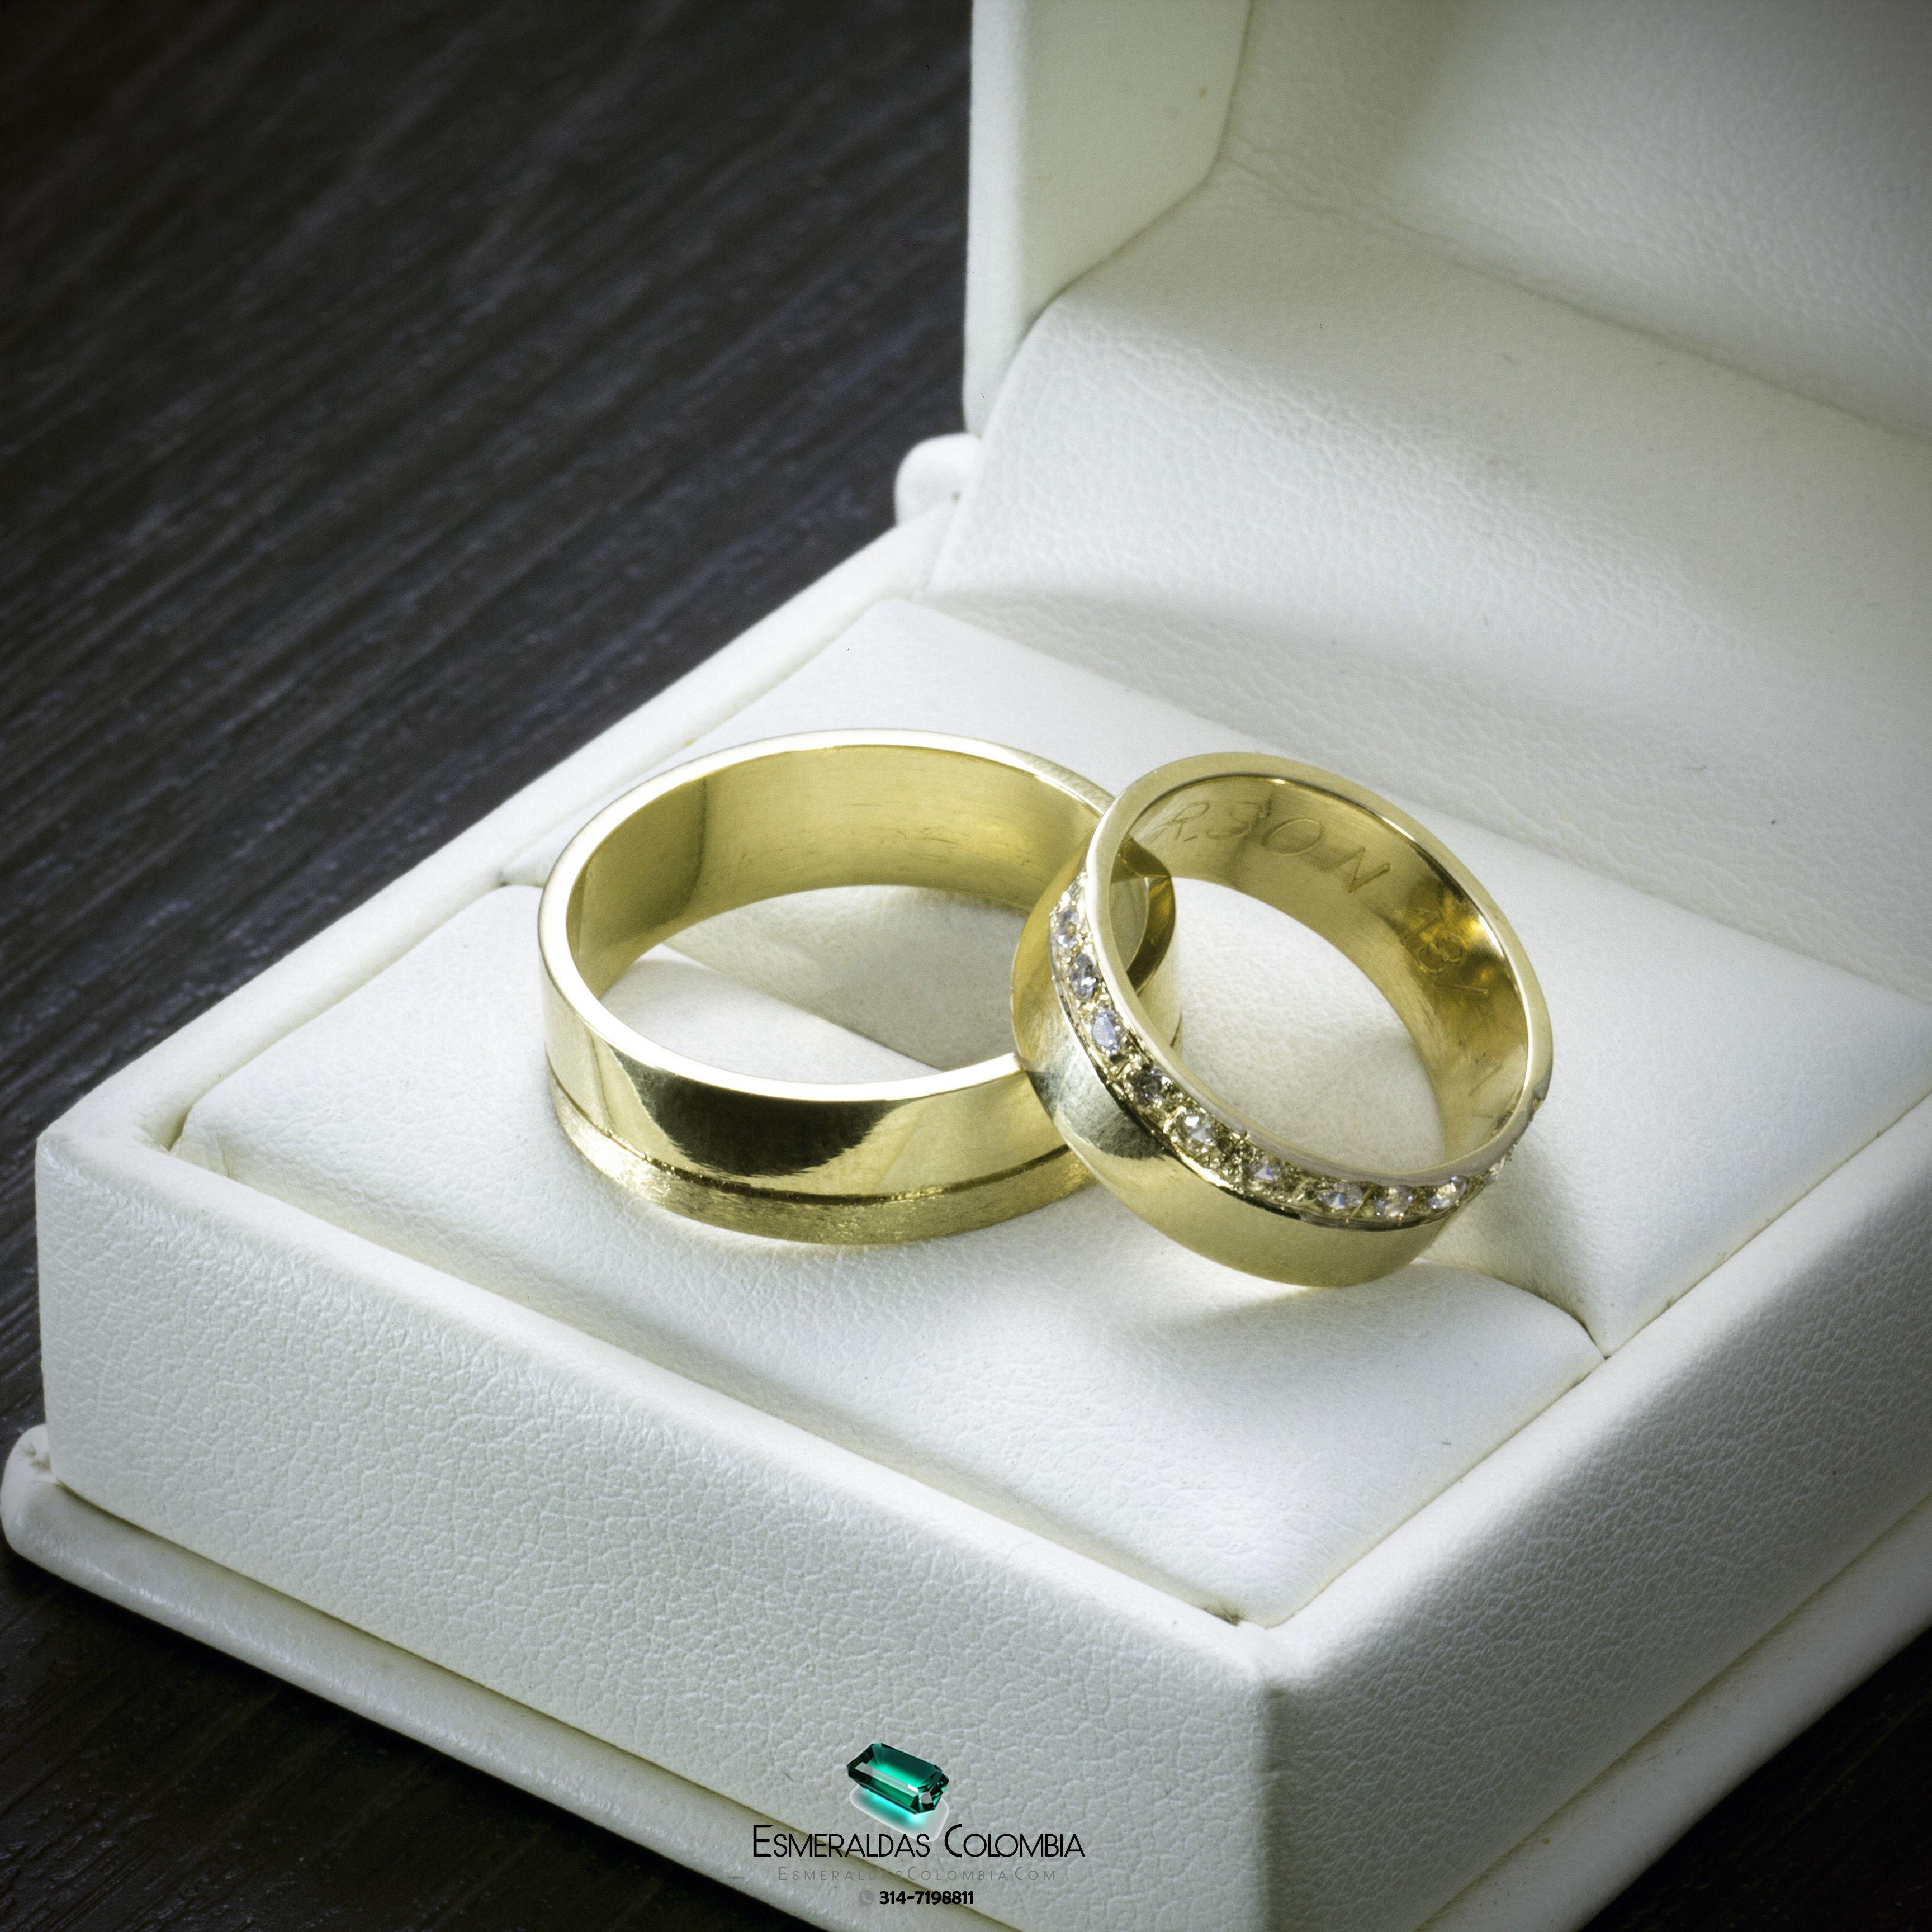 3d9526fbafc8 Argollas de Matrimonio en Oro 18k o Plata con Diamante sintético o  Esmeralda Colombiana  esmeraldascolombia Fac…